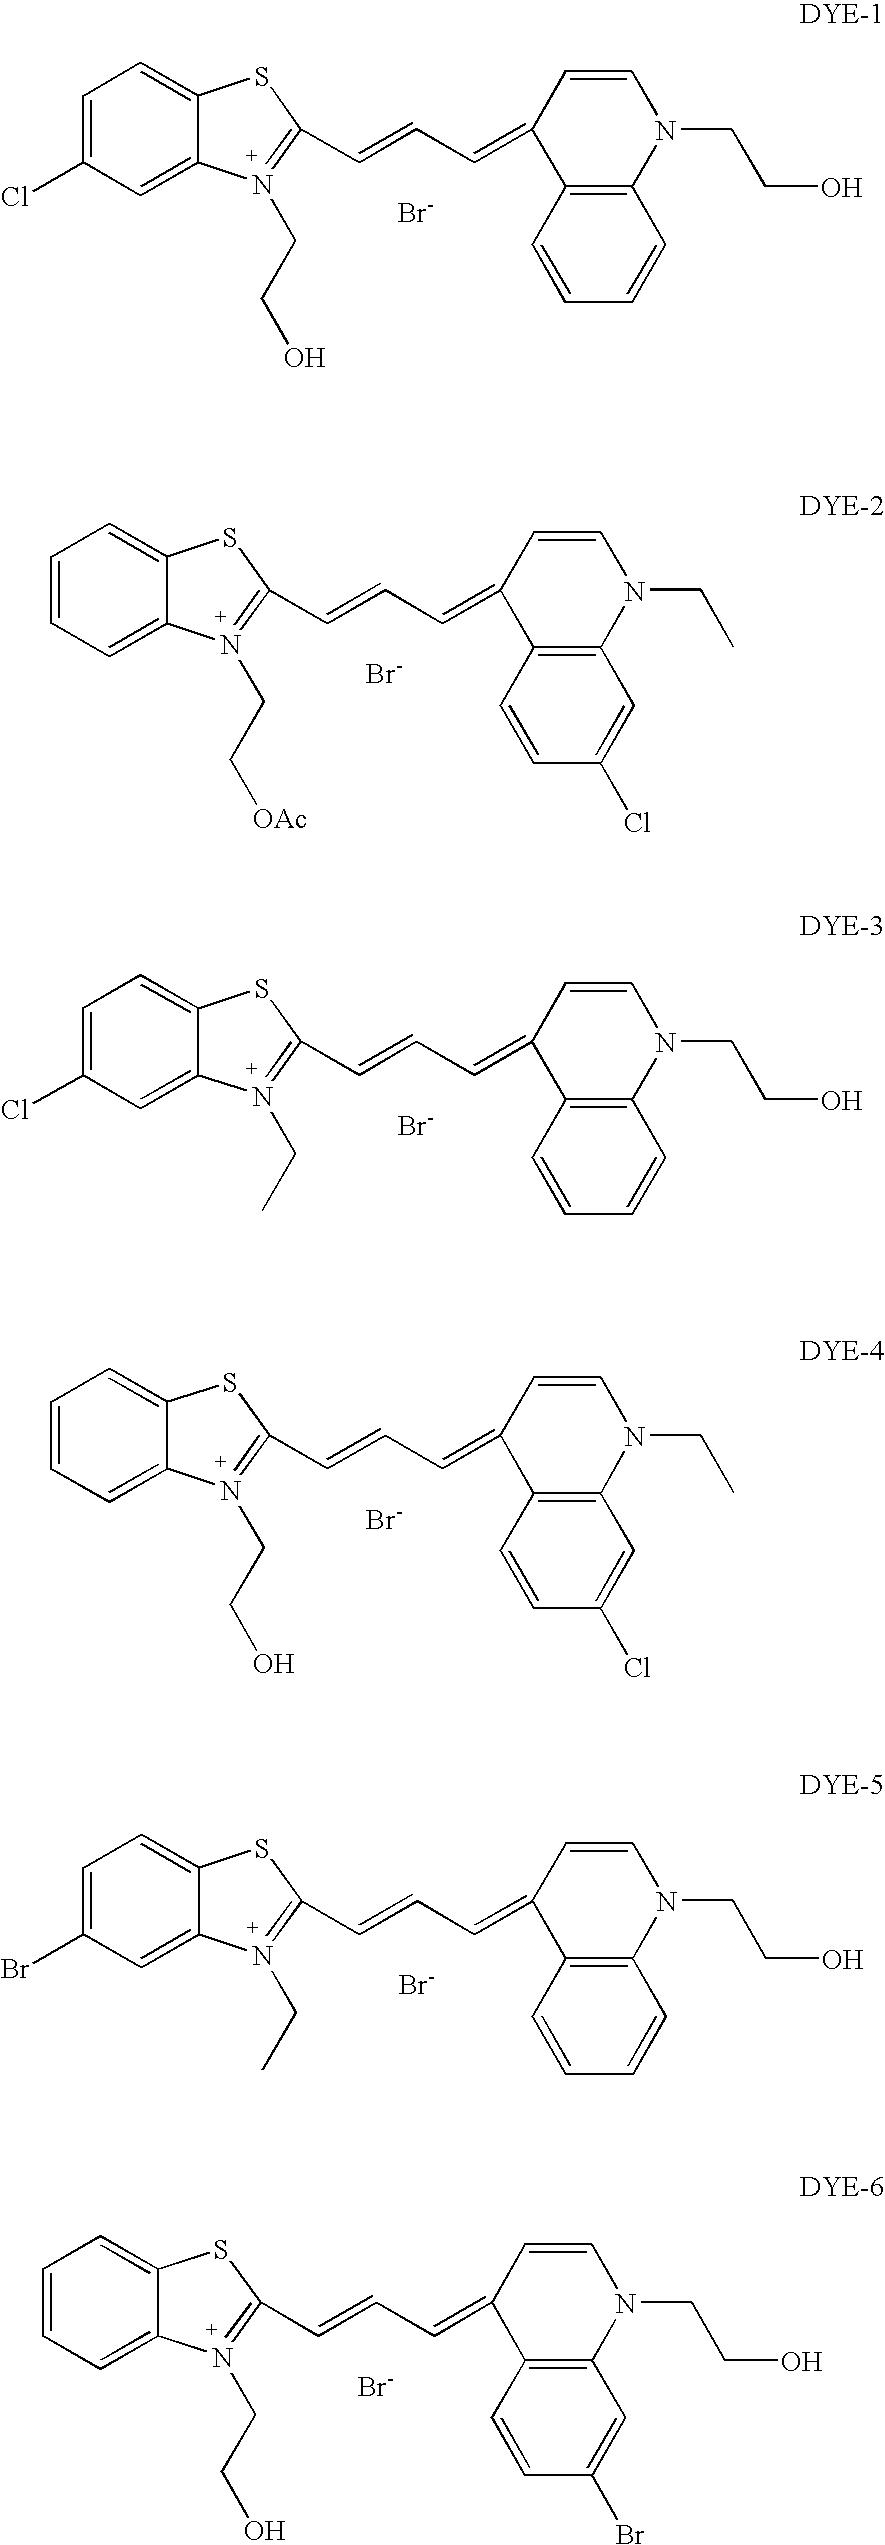 Figure US20090305285A1-20091210-C00004